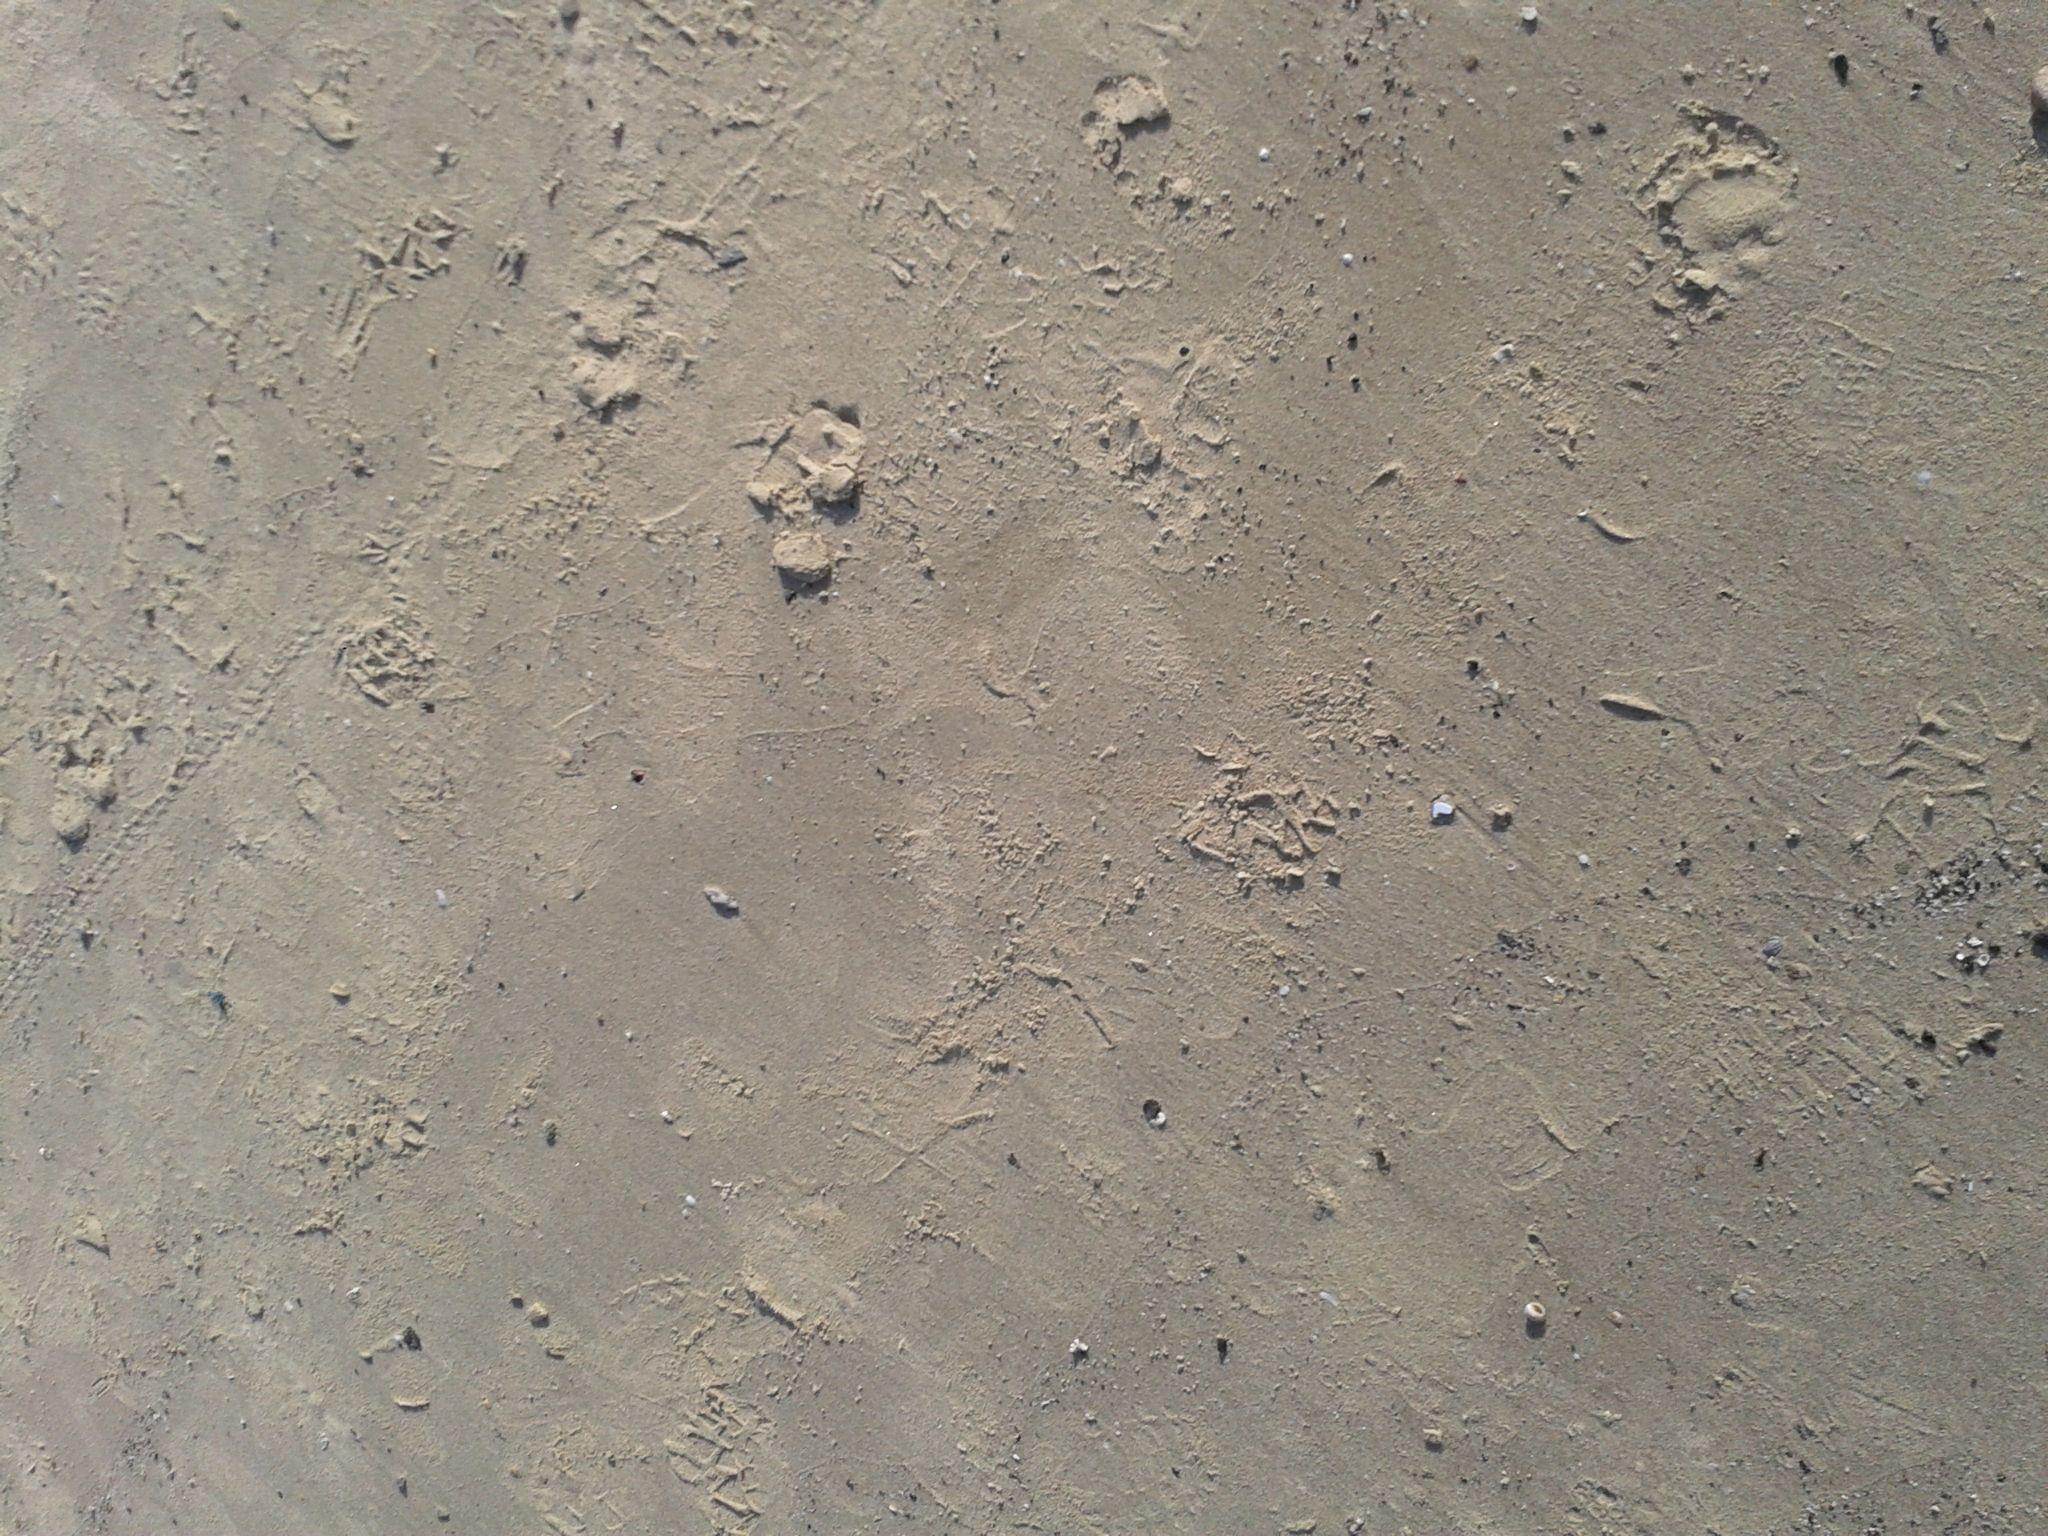 Wet clean sand by Francine Waterman